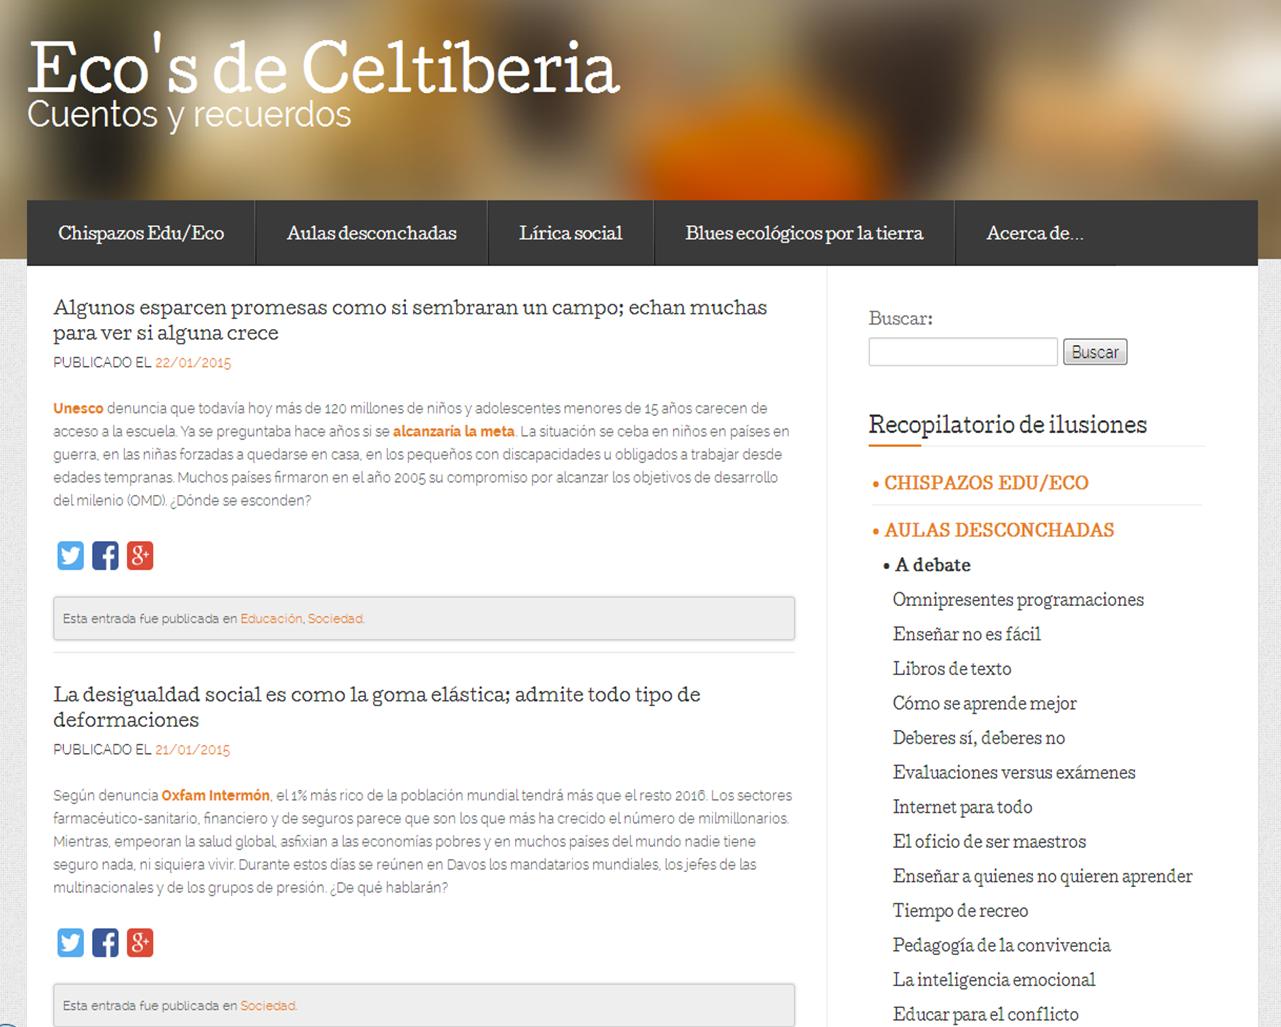 www.ecosdeceltiberia.es